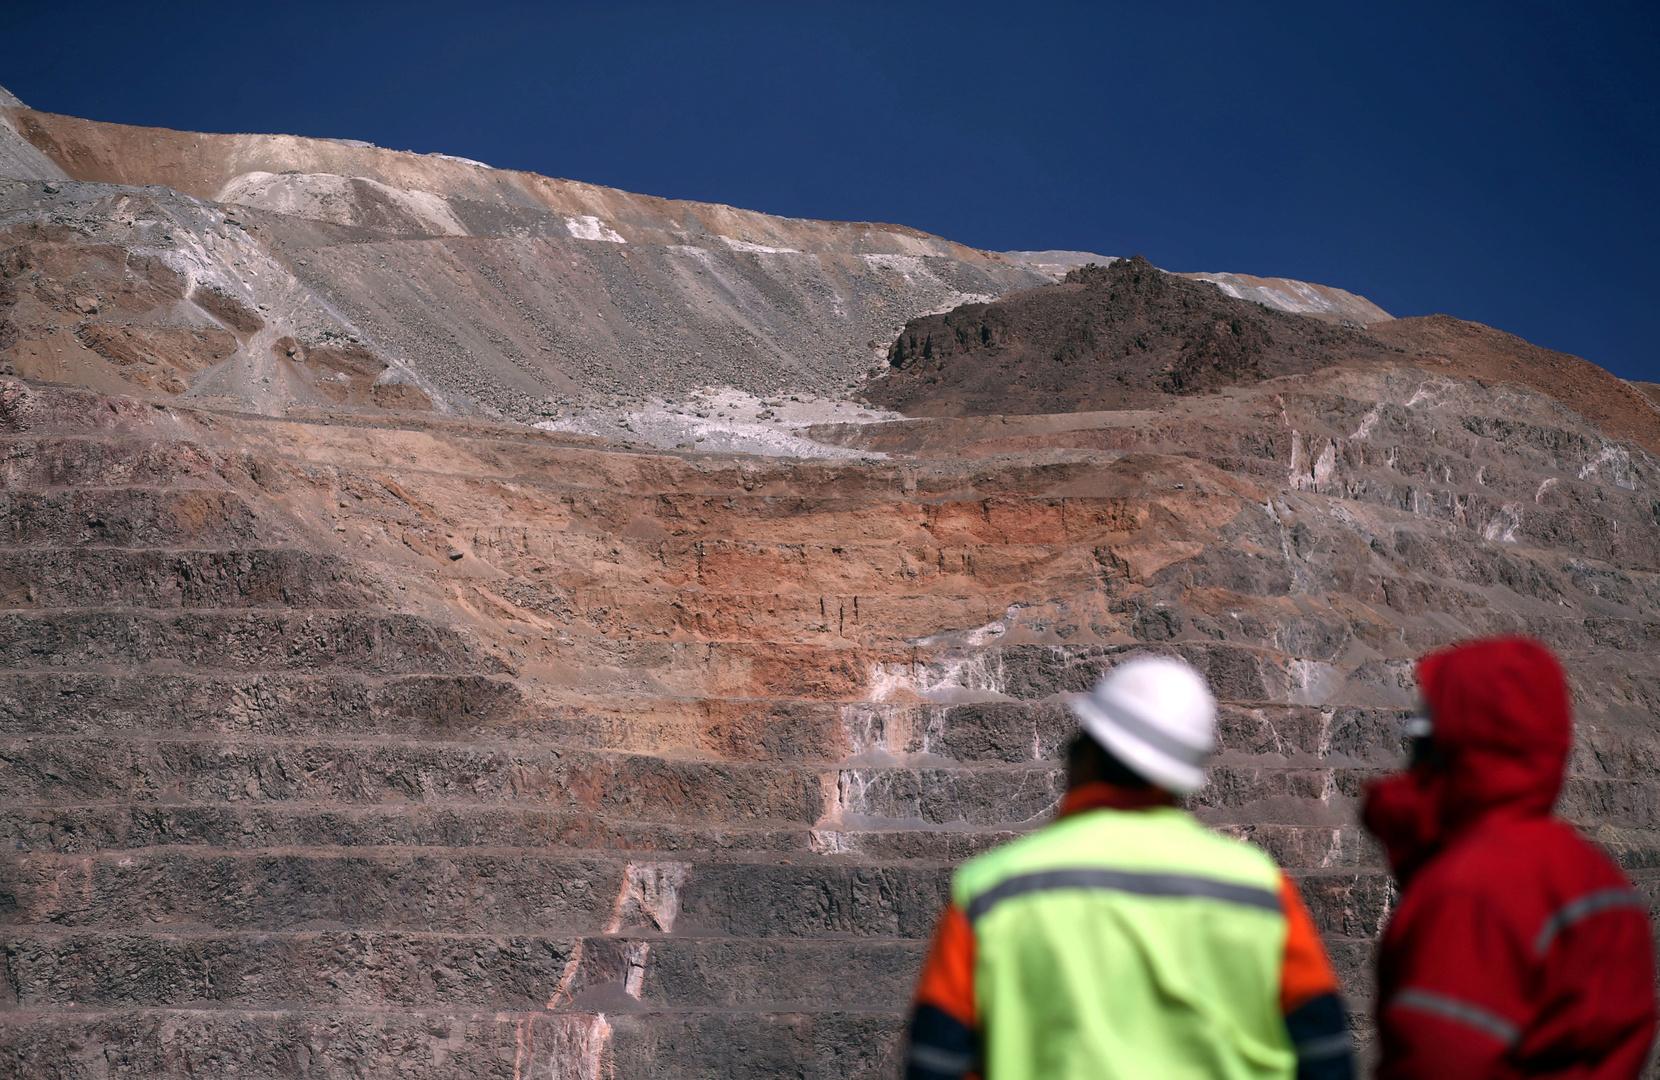 اكتشاف منجم ذهب بدولة عربية فيه مليون أونصة مقدرة بملايين الدولارات